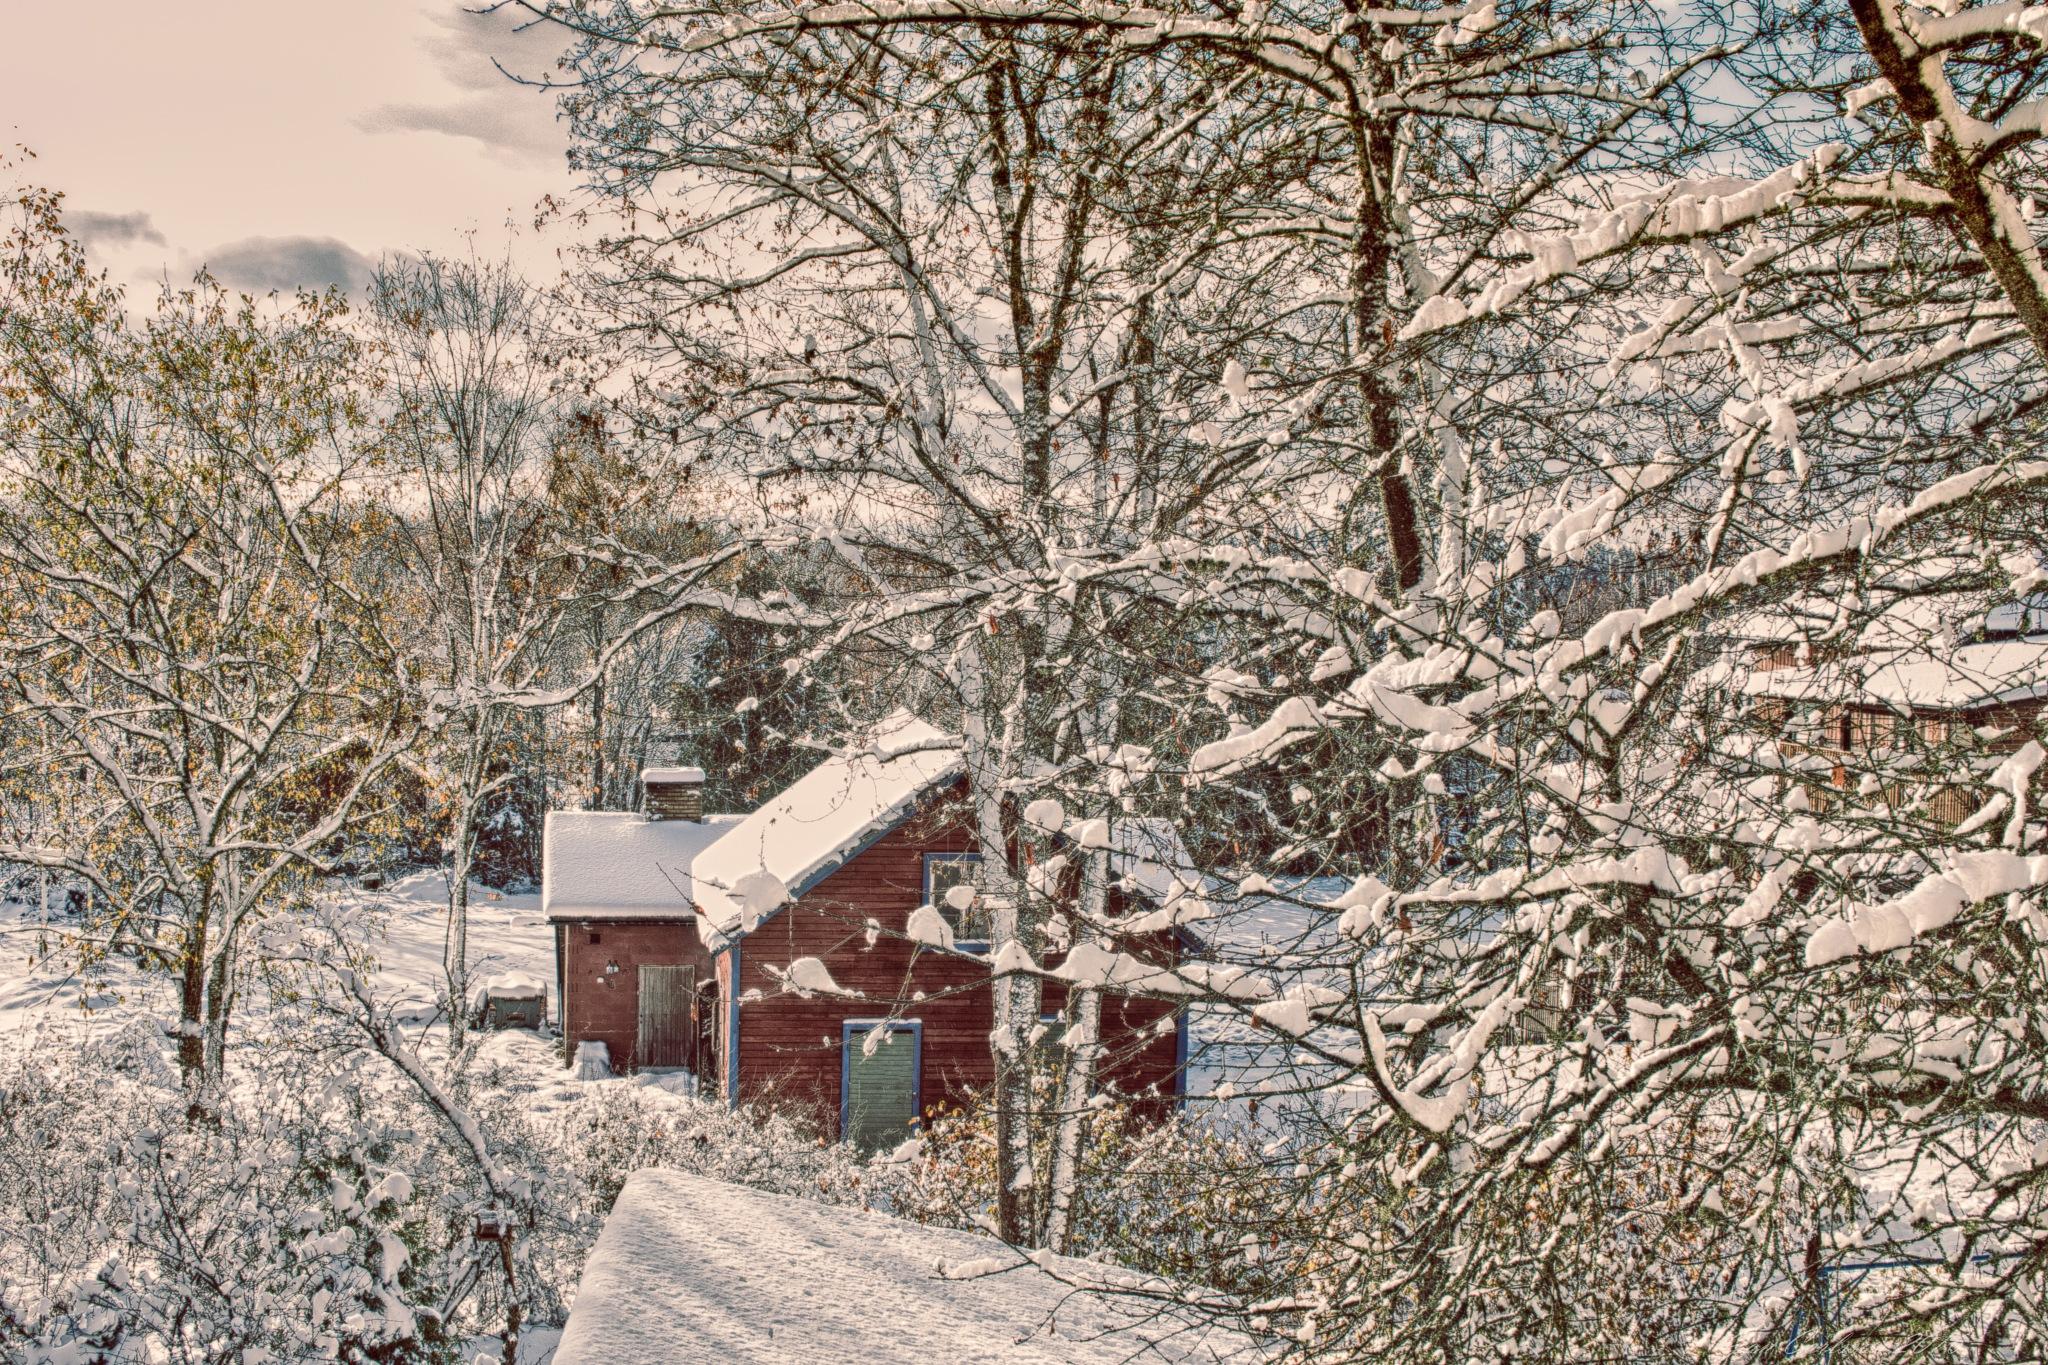 View from my window today by carljan w carlsson